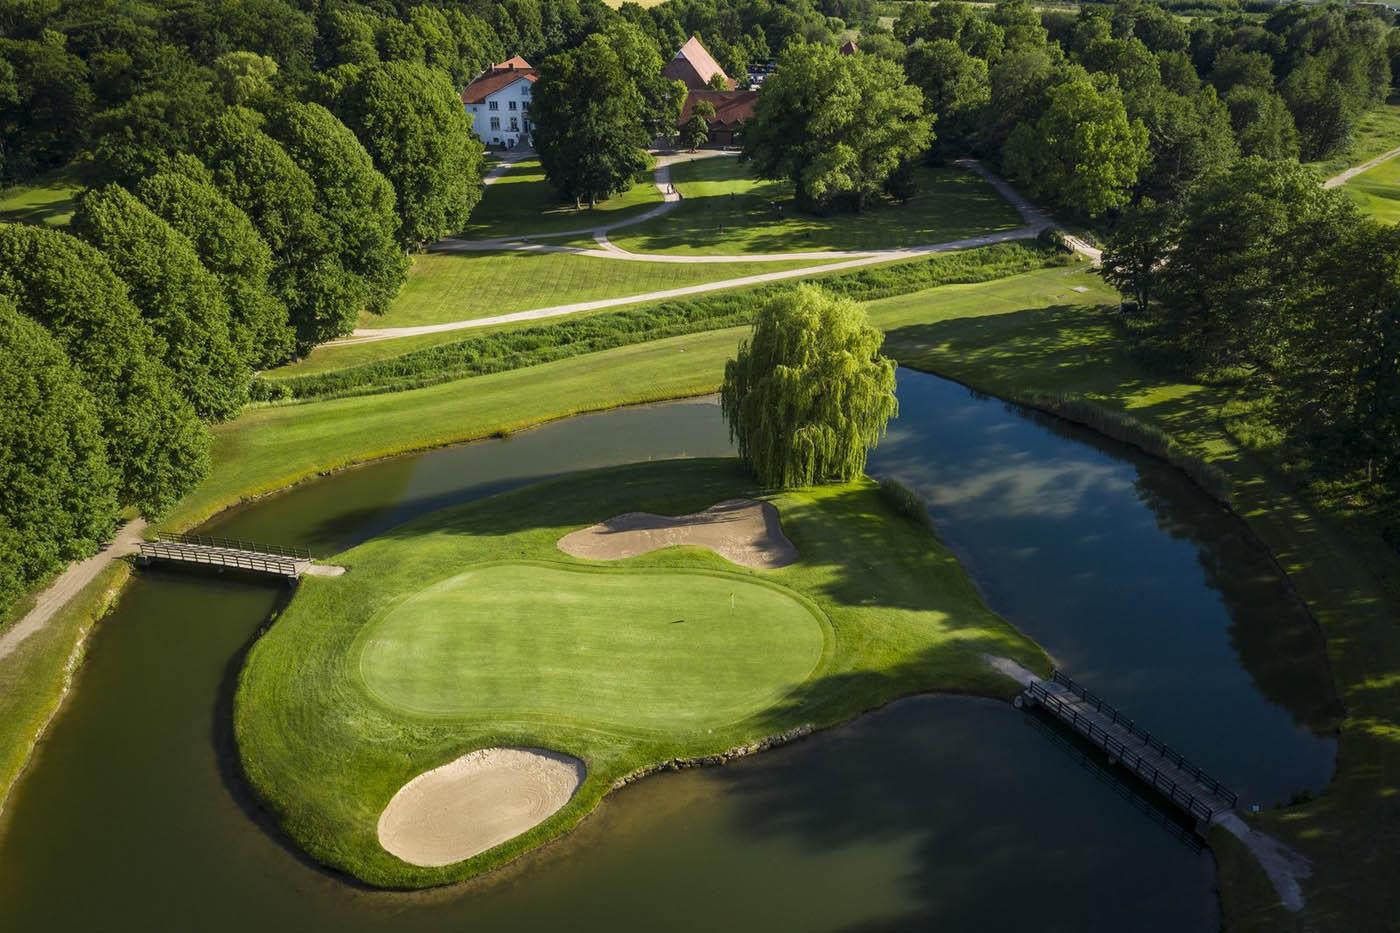 Topansicht auf den Golfplatz